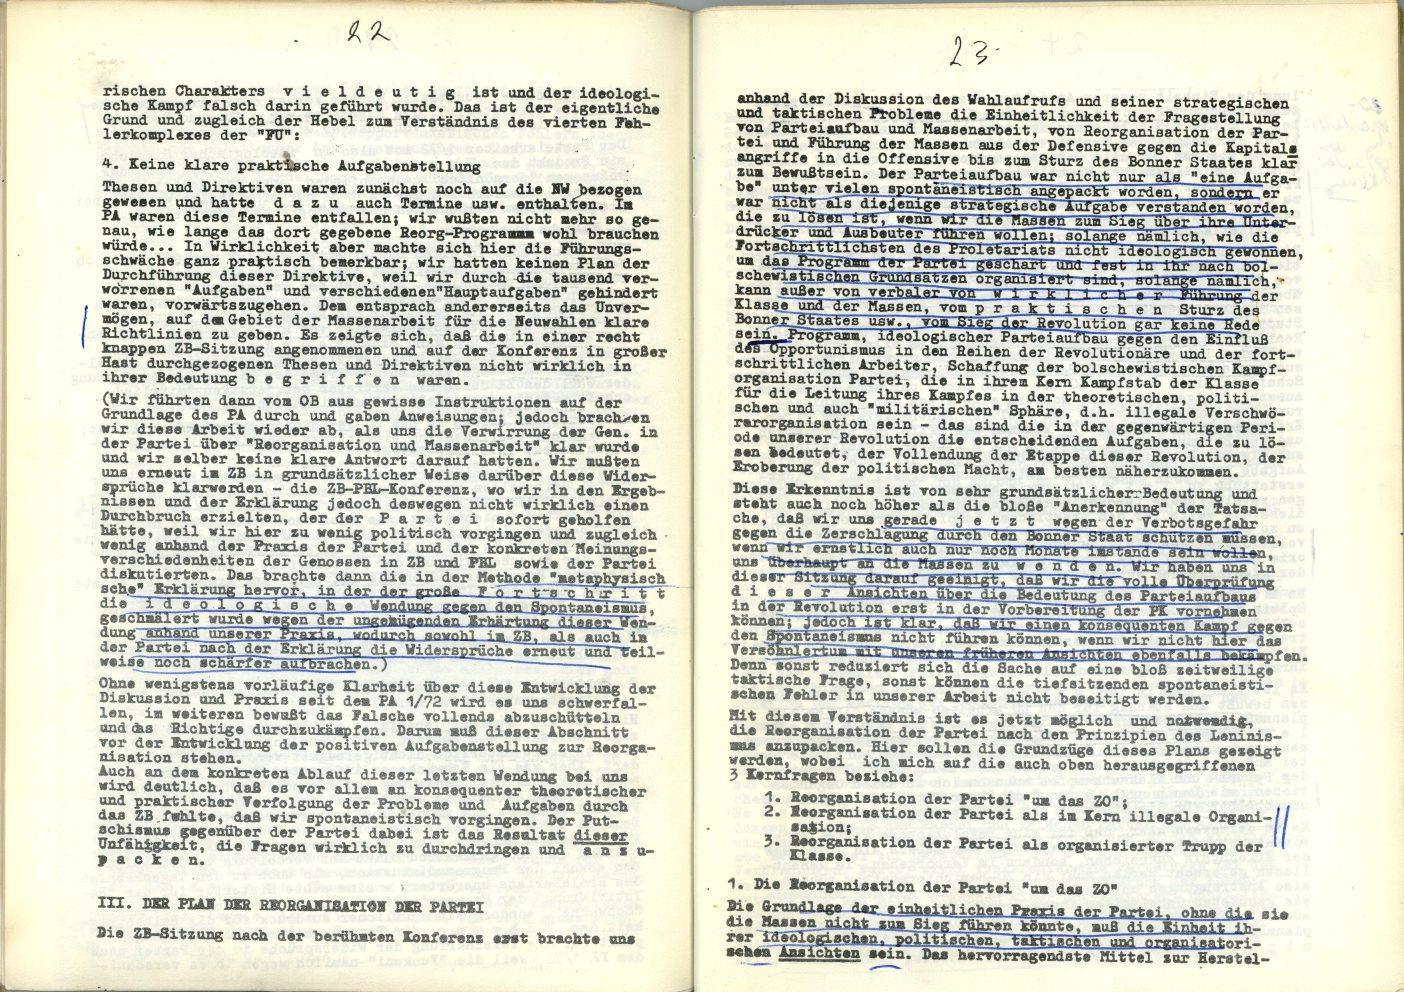 ZB_1972_Diskussionsorgan_zur_ersten_Parteikonferenz_13